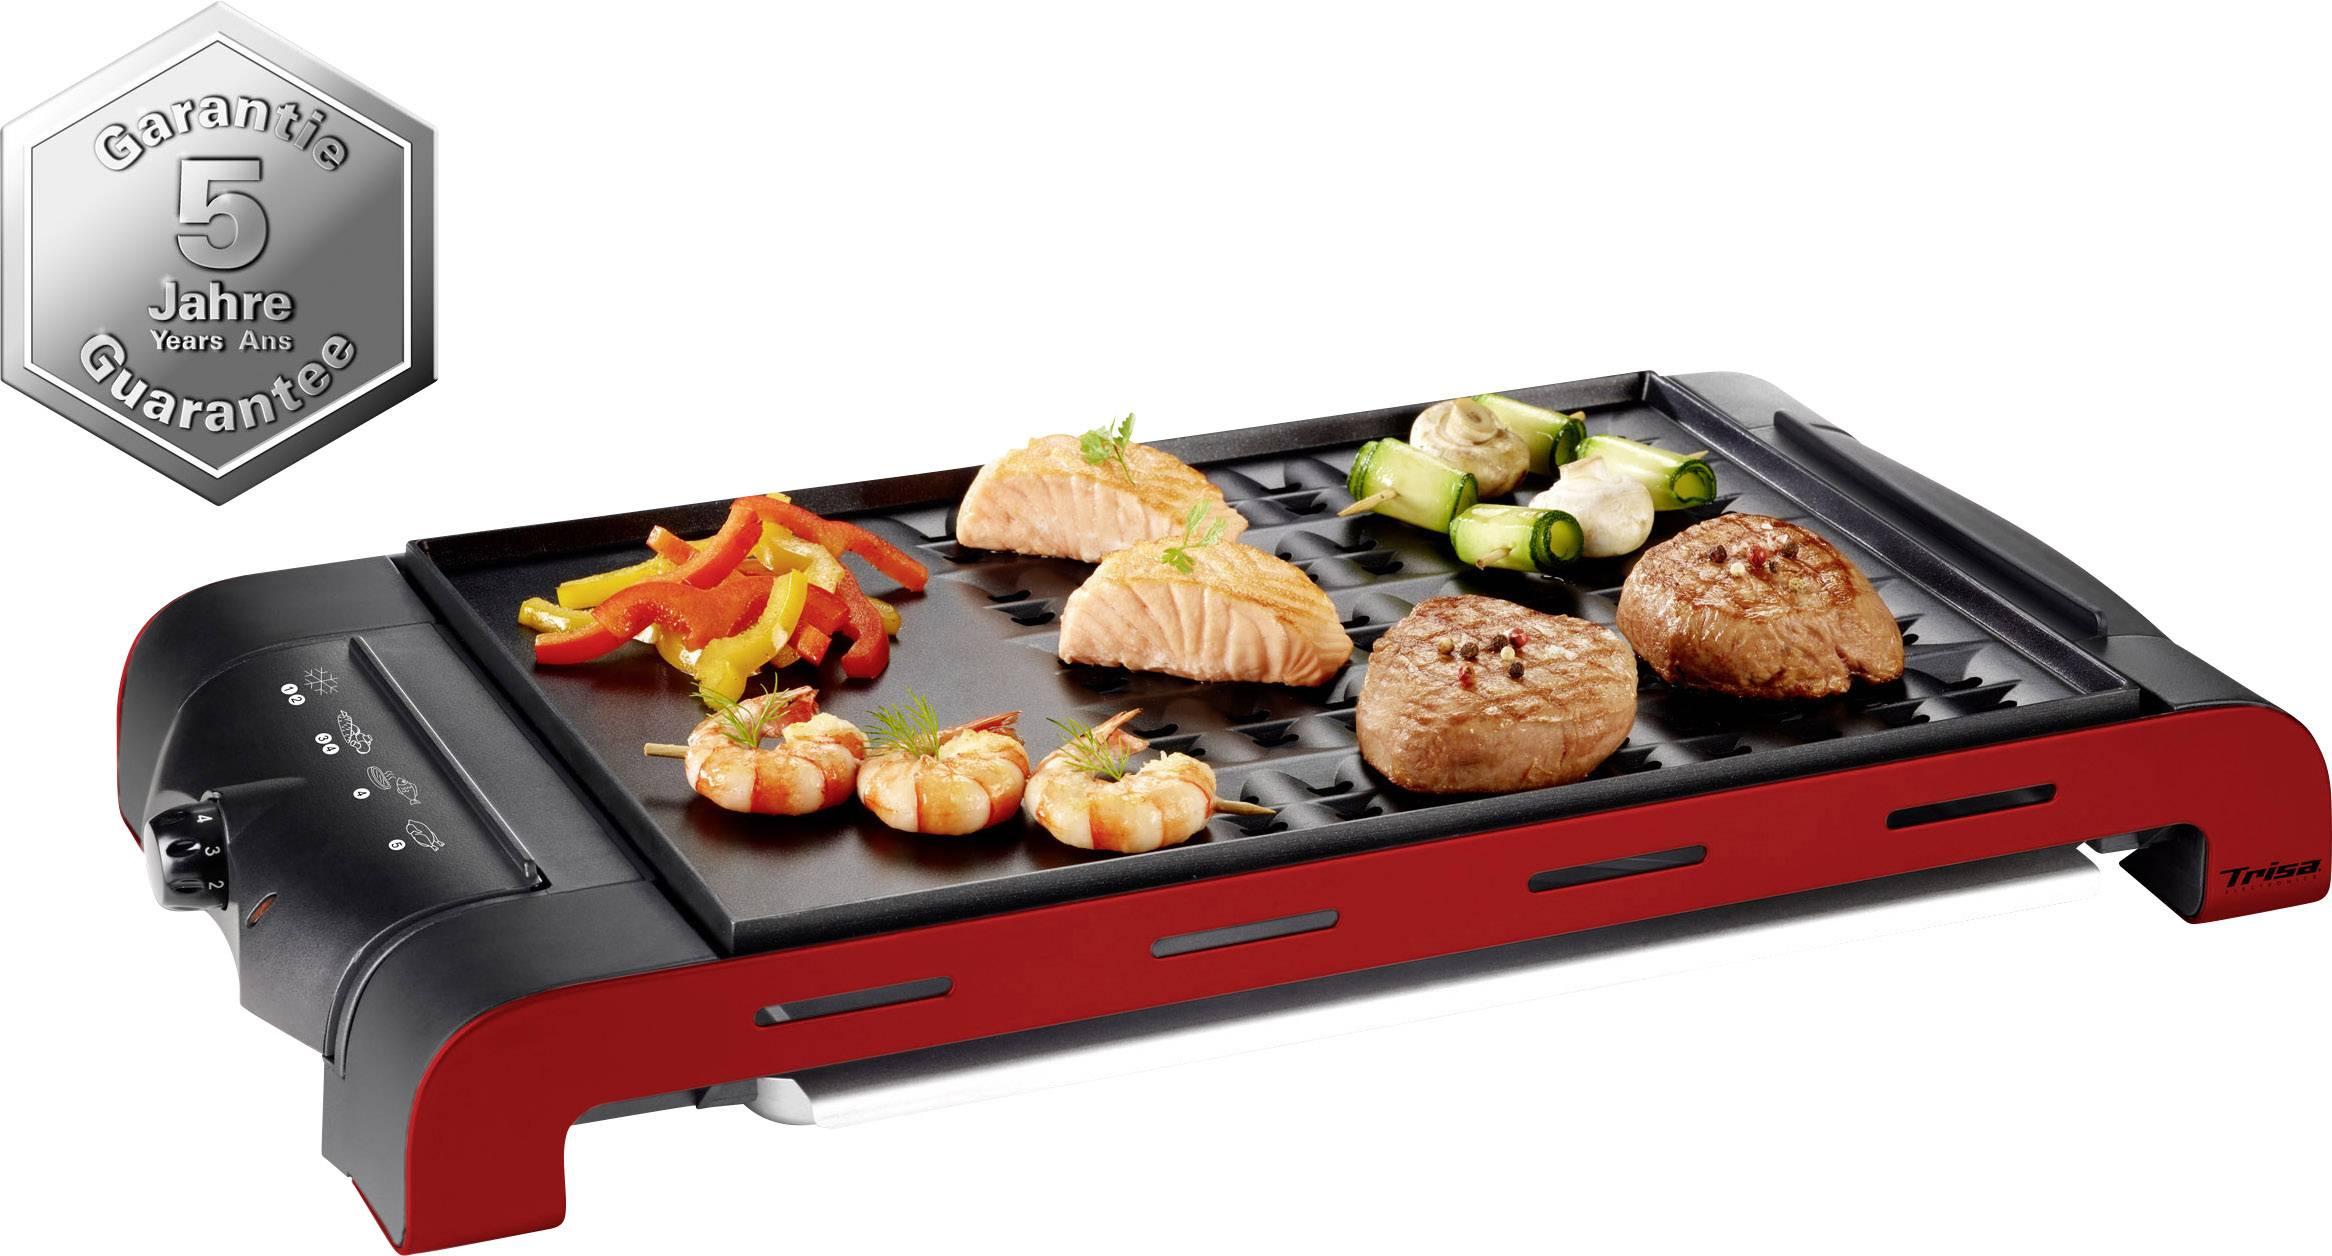 Tisch Holzkohlegrill Für Innen : Cuisinier deluxe elektro grill grill mit tisch w elektro